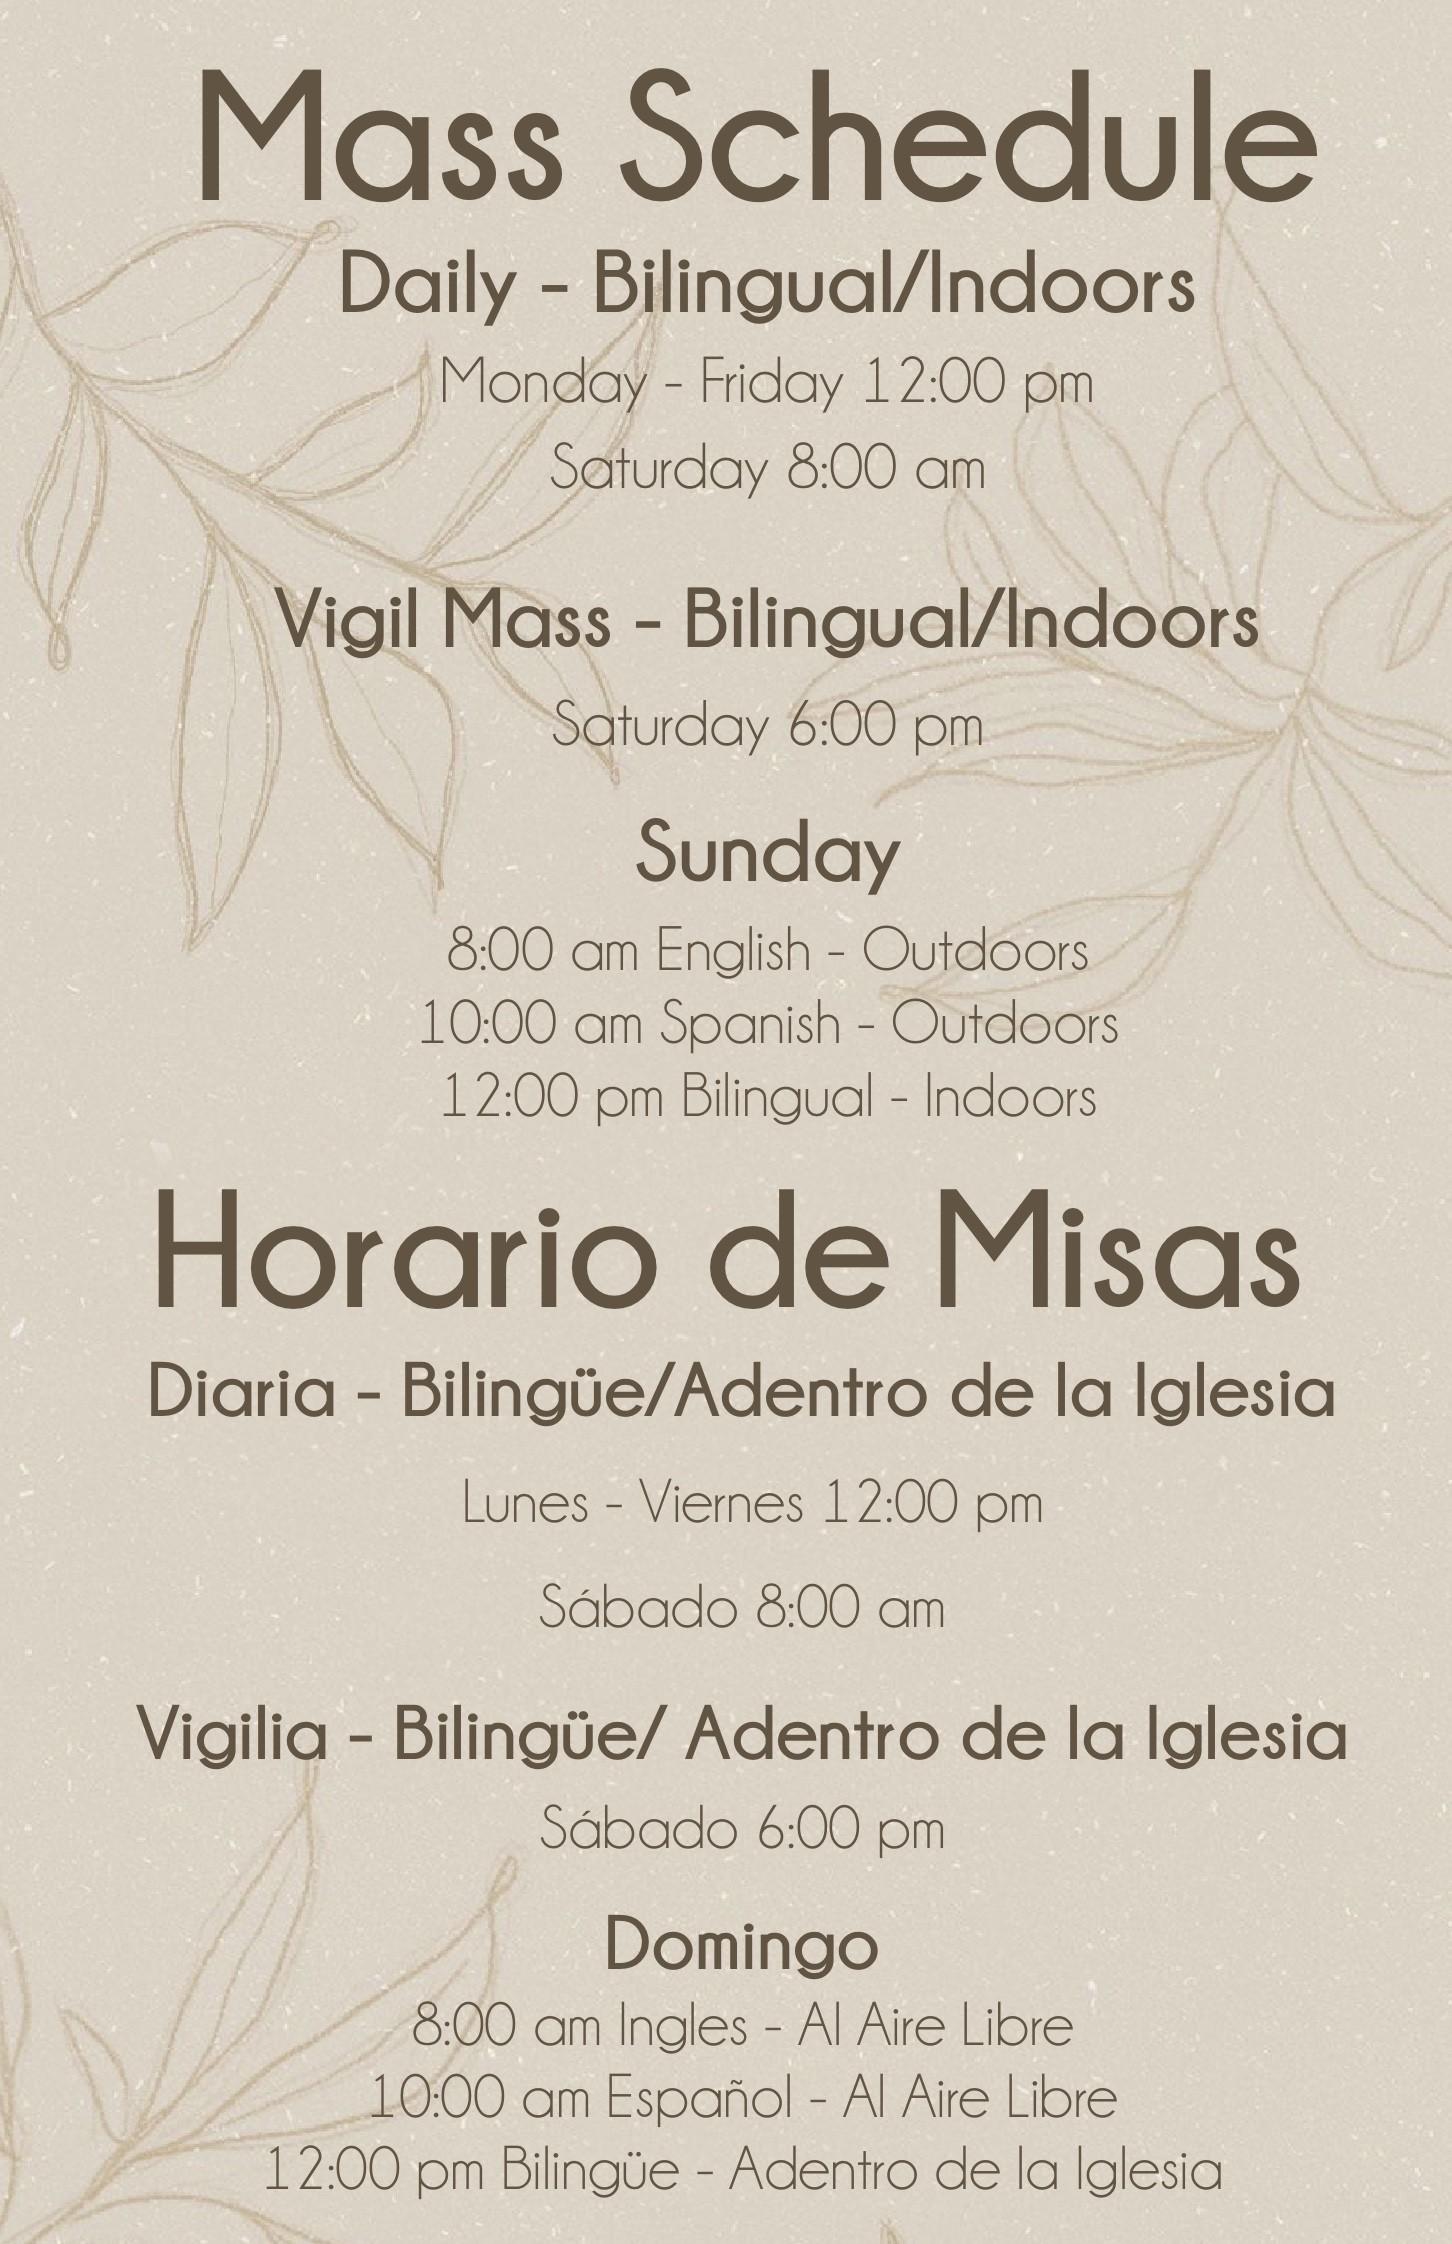 Updated Mass Schedule